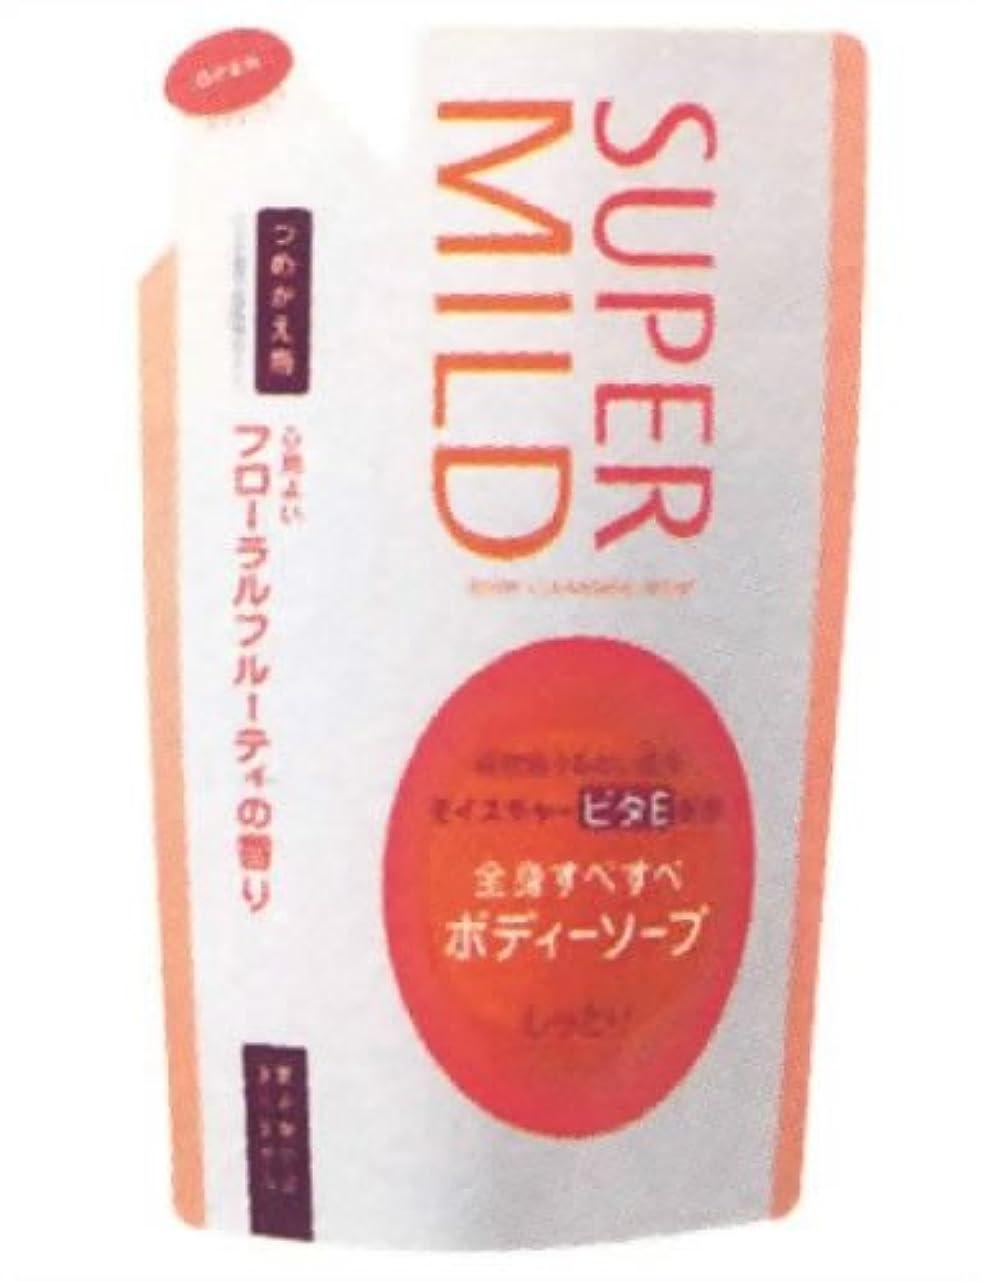 くちばし聴衆捕虜スーパーマイルドボディソープ(しっとり)つめかえ フローラルフルーティの香り 500ml